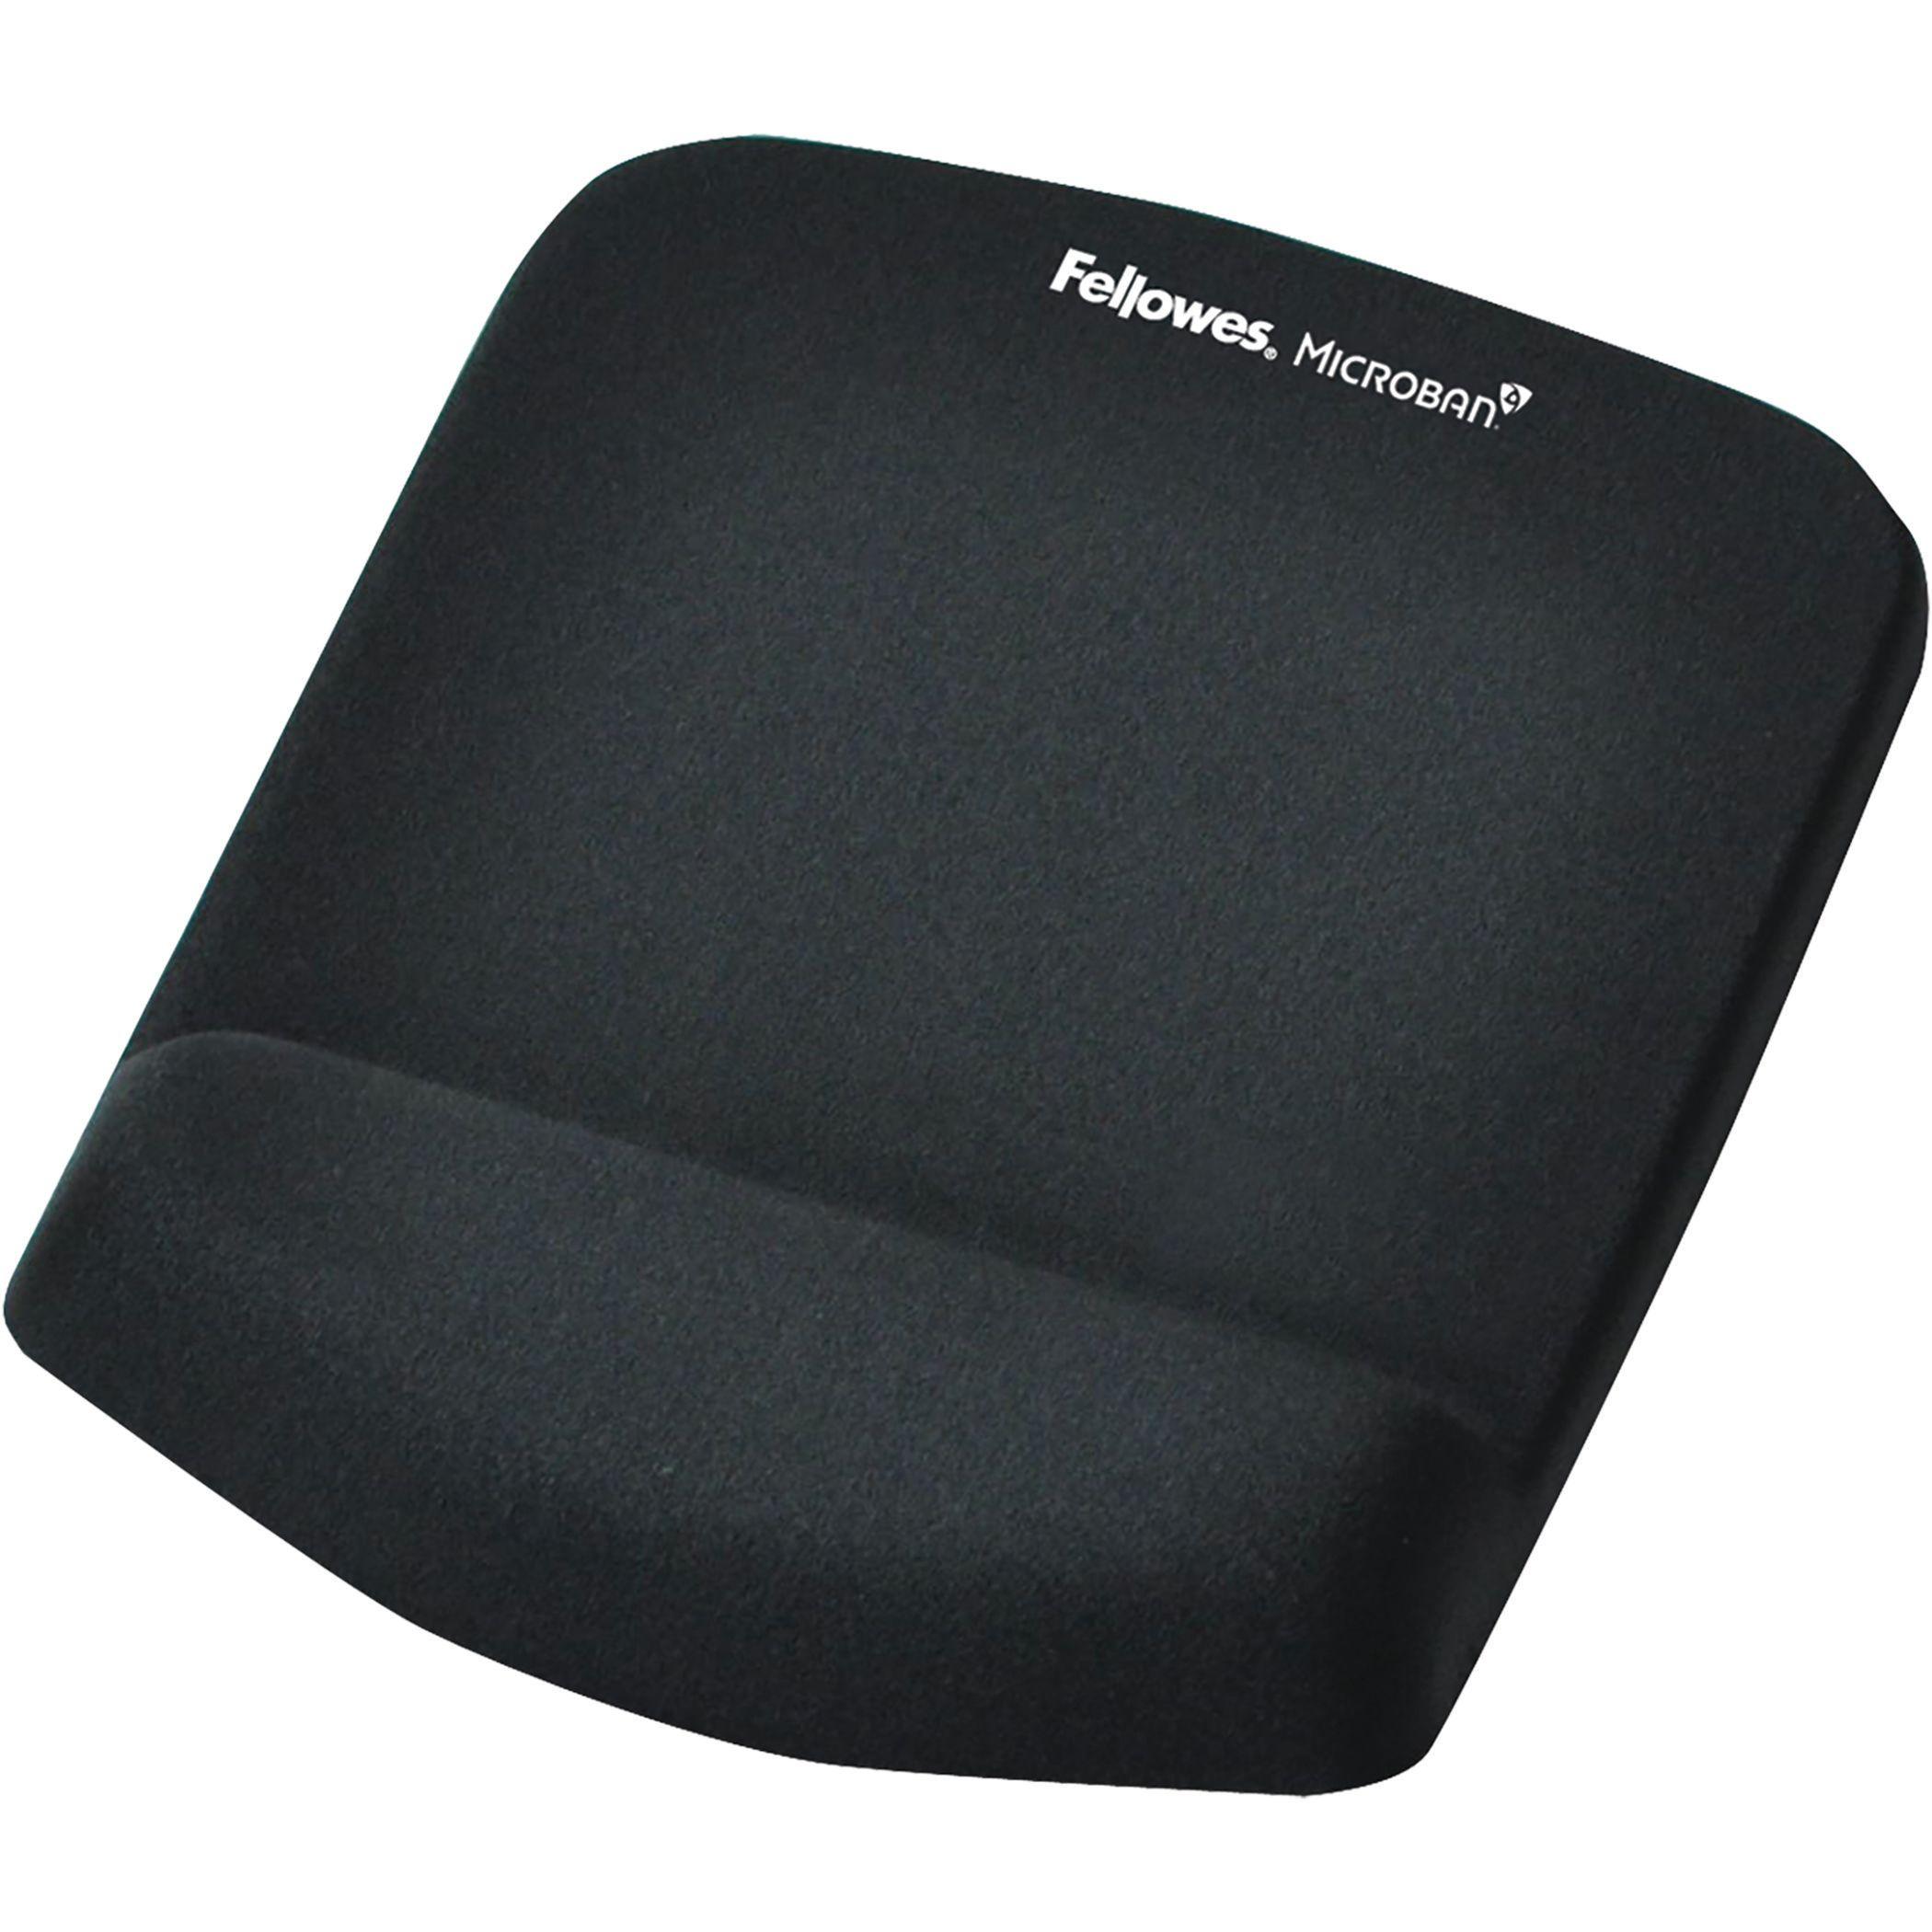 Fellowes PlushTouch - Tapis de souris / repose-poignets ergonomique - noir